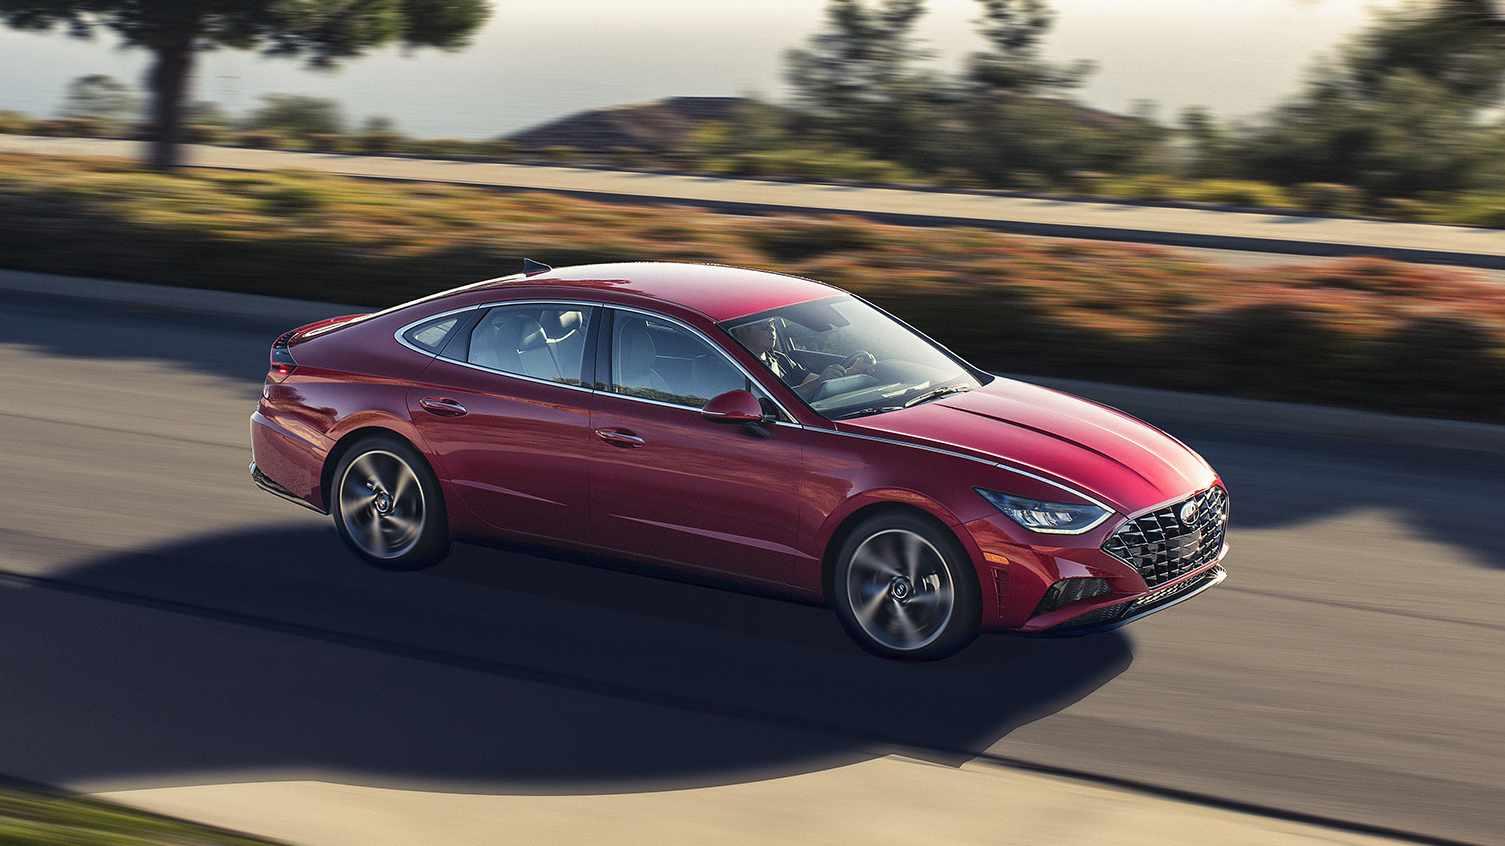 2020 Hyundai Sonata Unveiled At New York Auto Show Here U0026 39 S